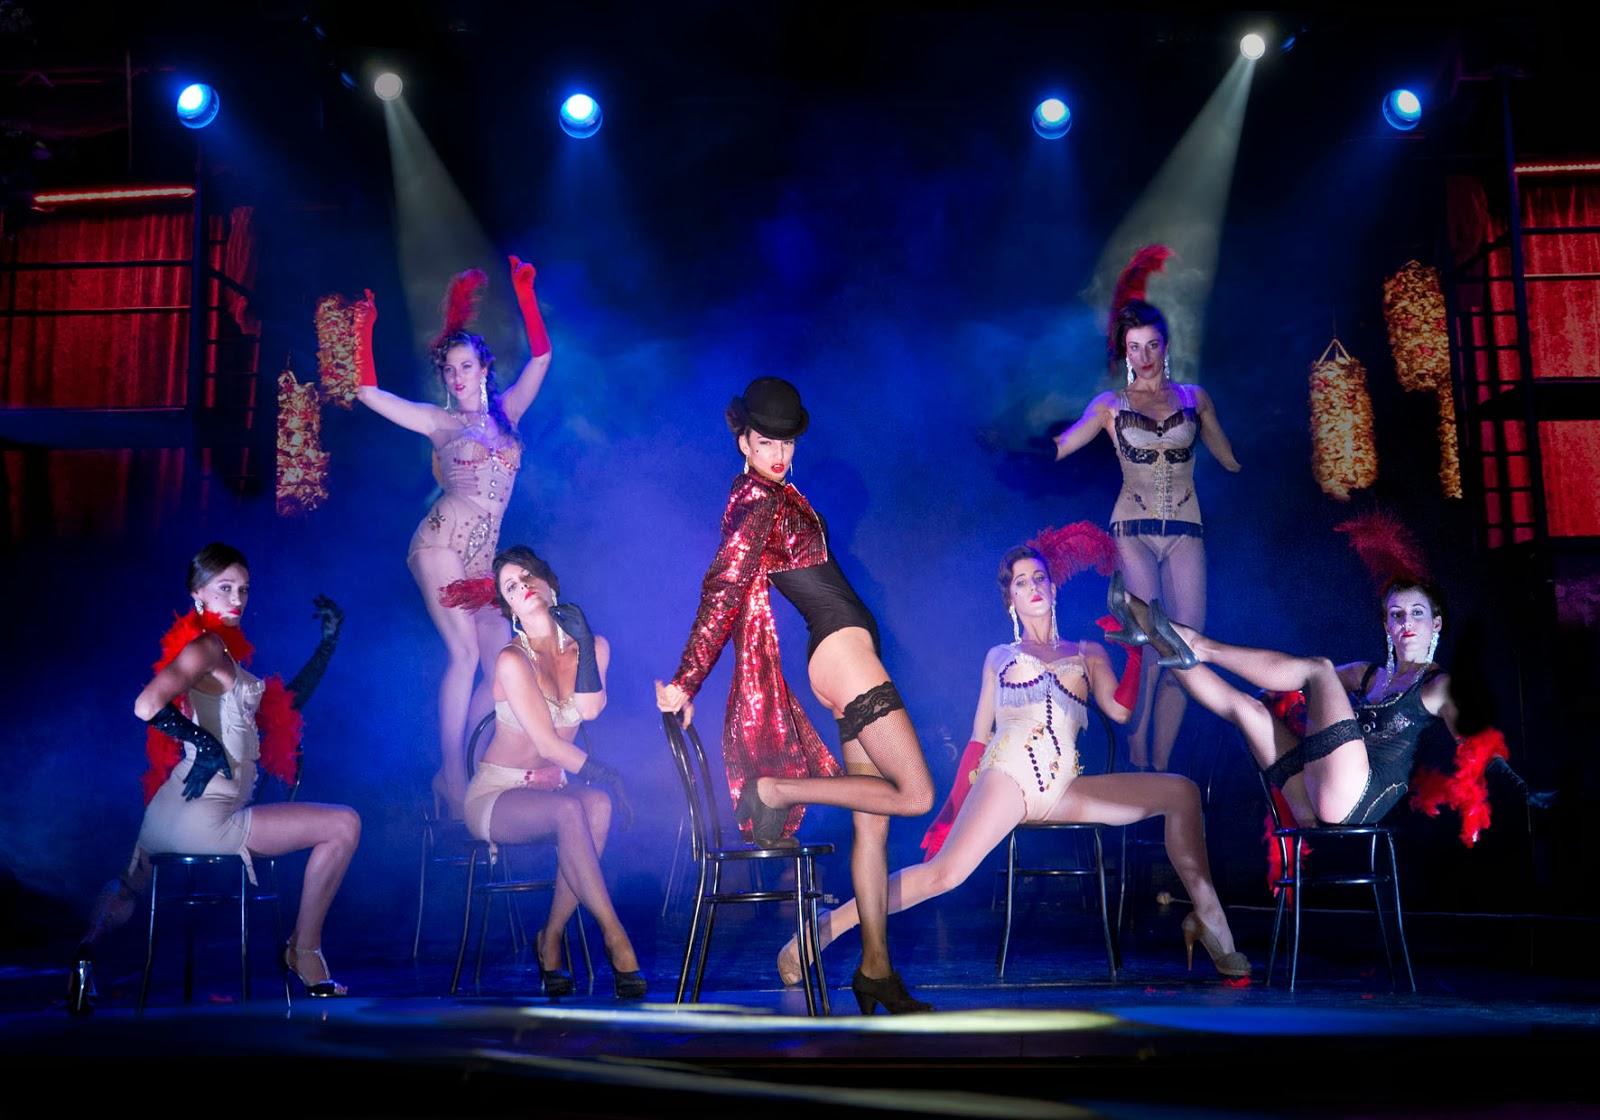 Luna bella en un show en vivo - 2 part 8